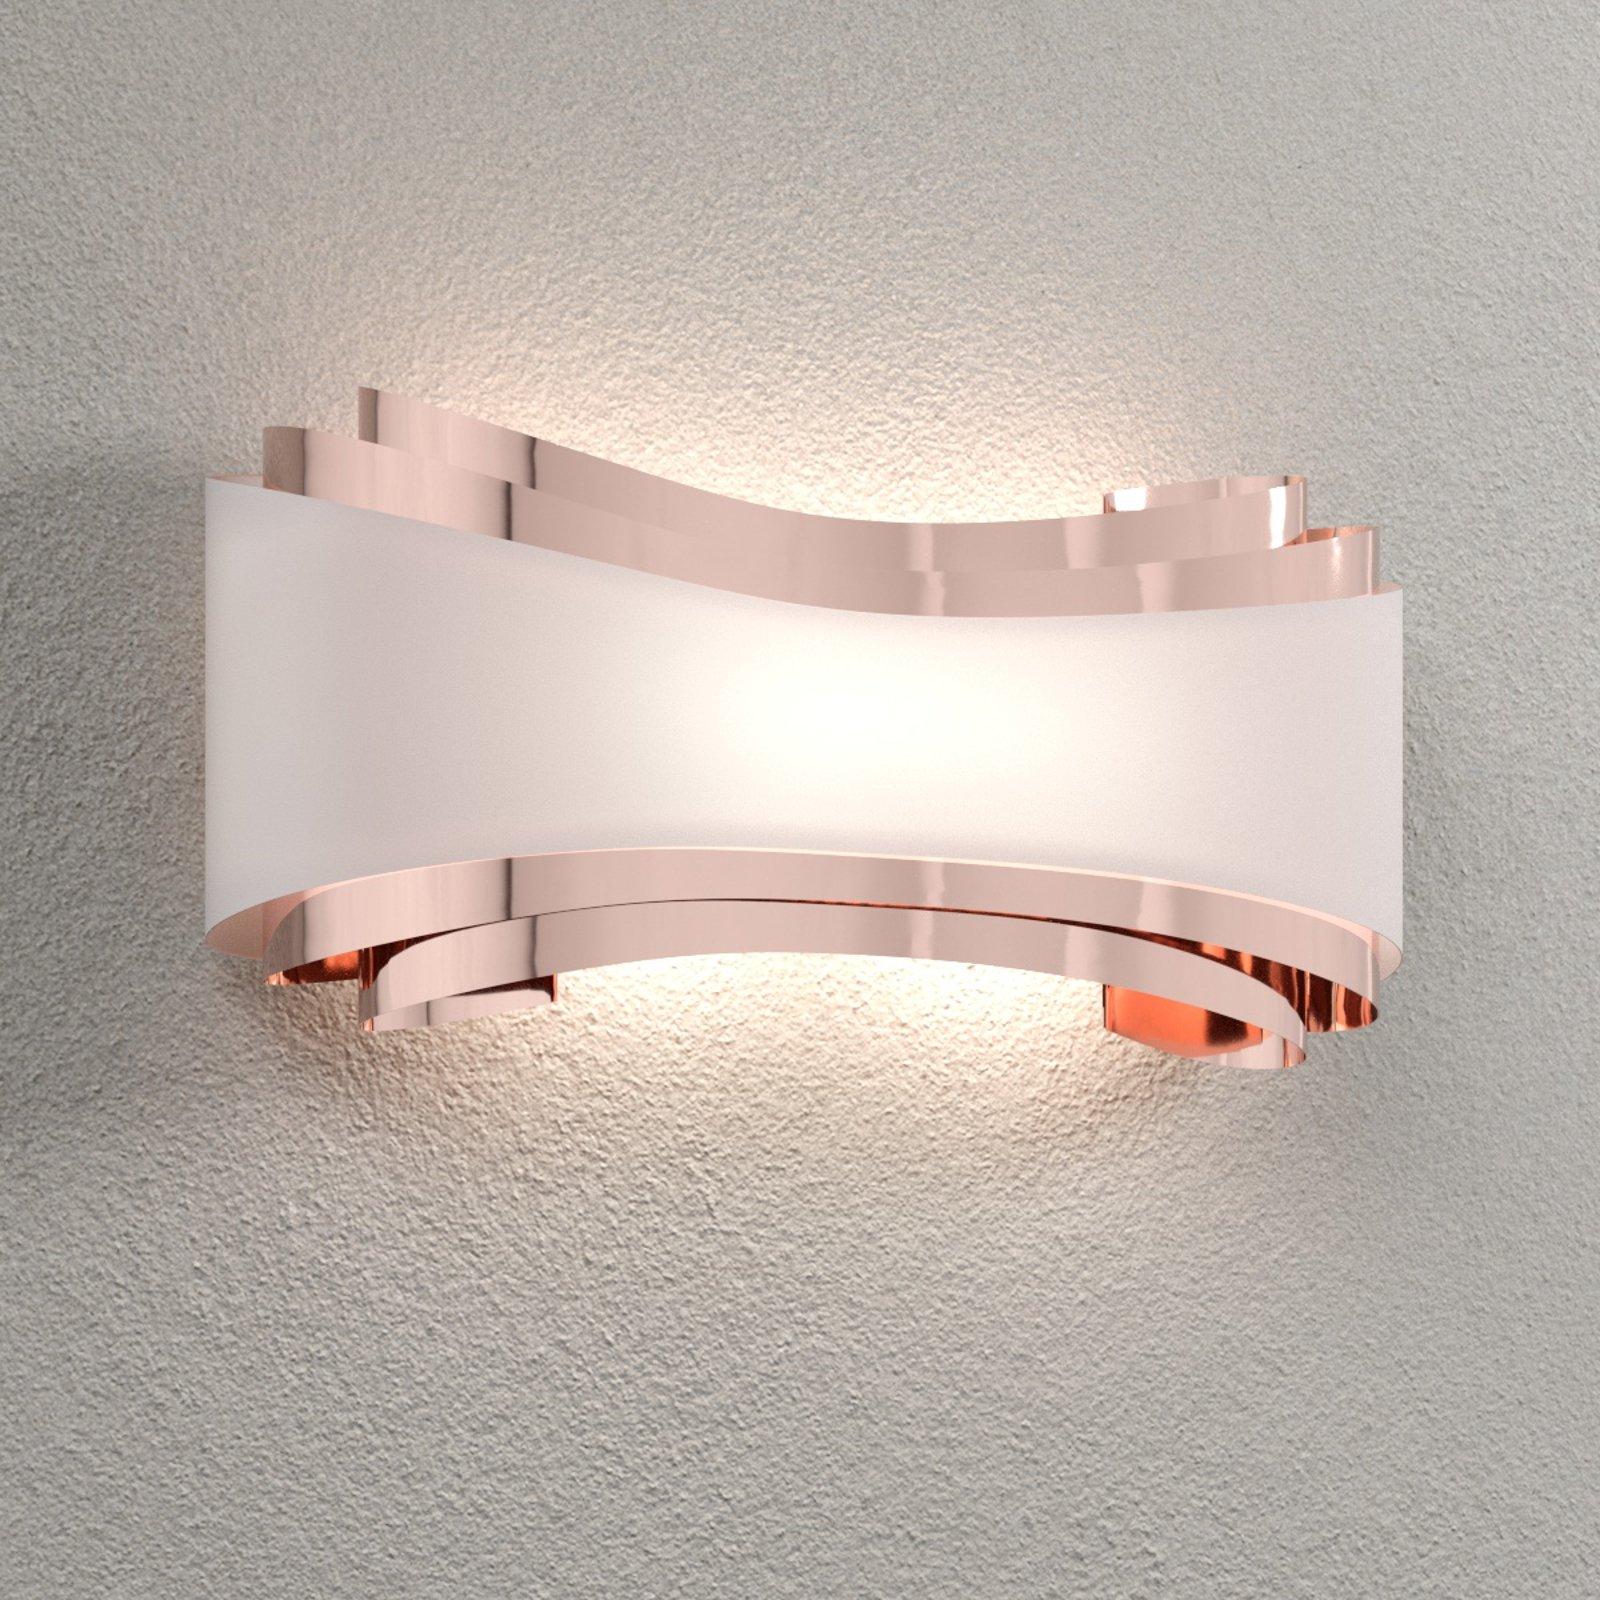 LED-vegglampe Ionica, kobber med glassblende